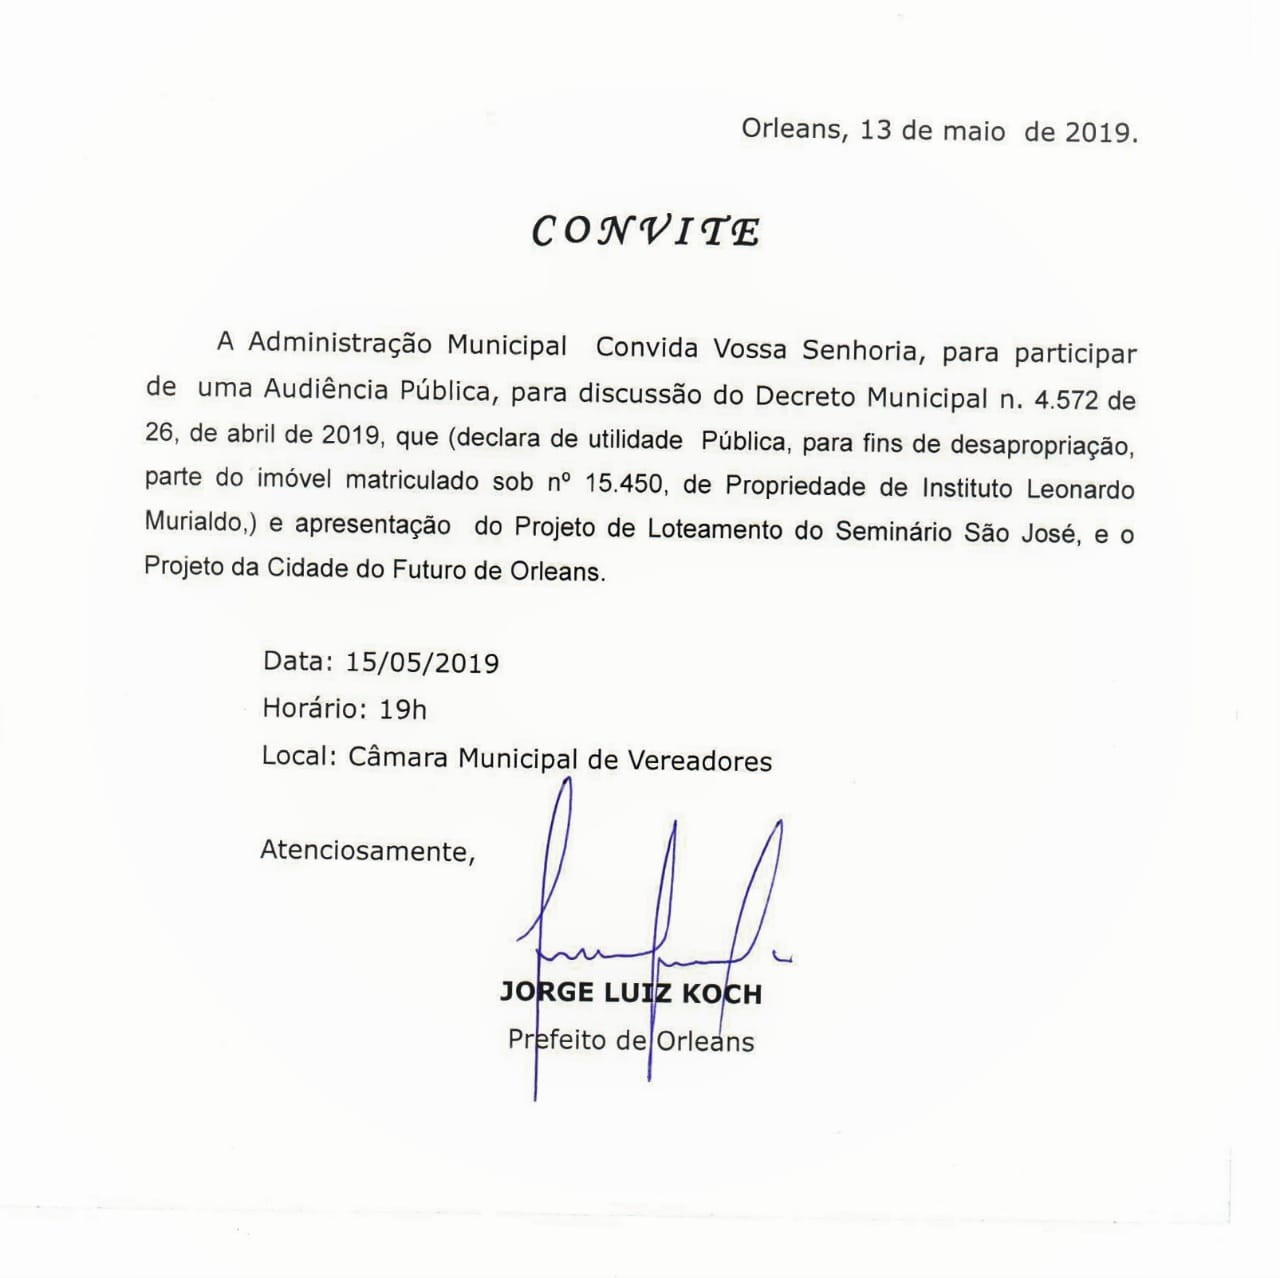 Administração de Orleans promove audiência pública para discutir decreto 4.572